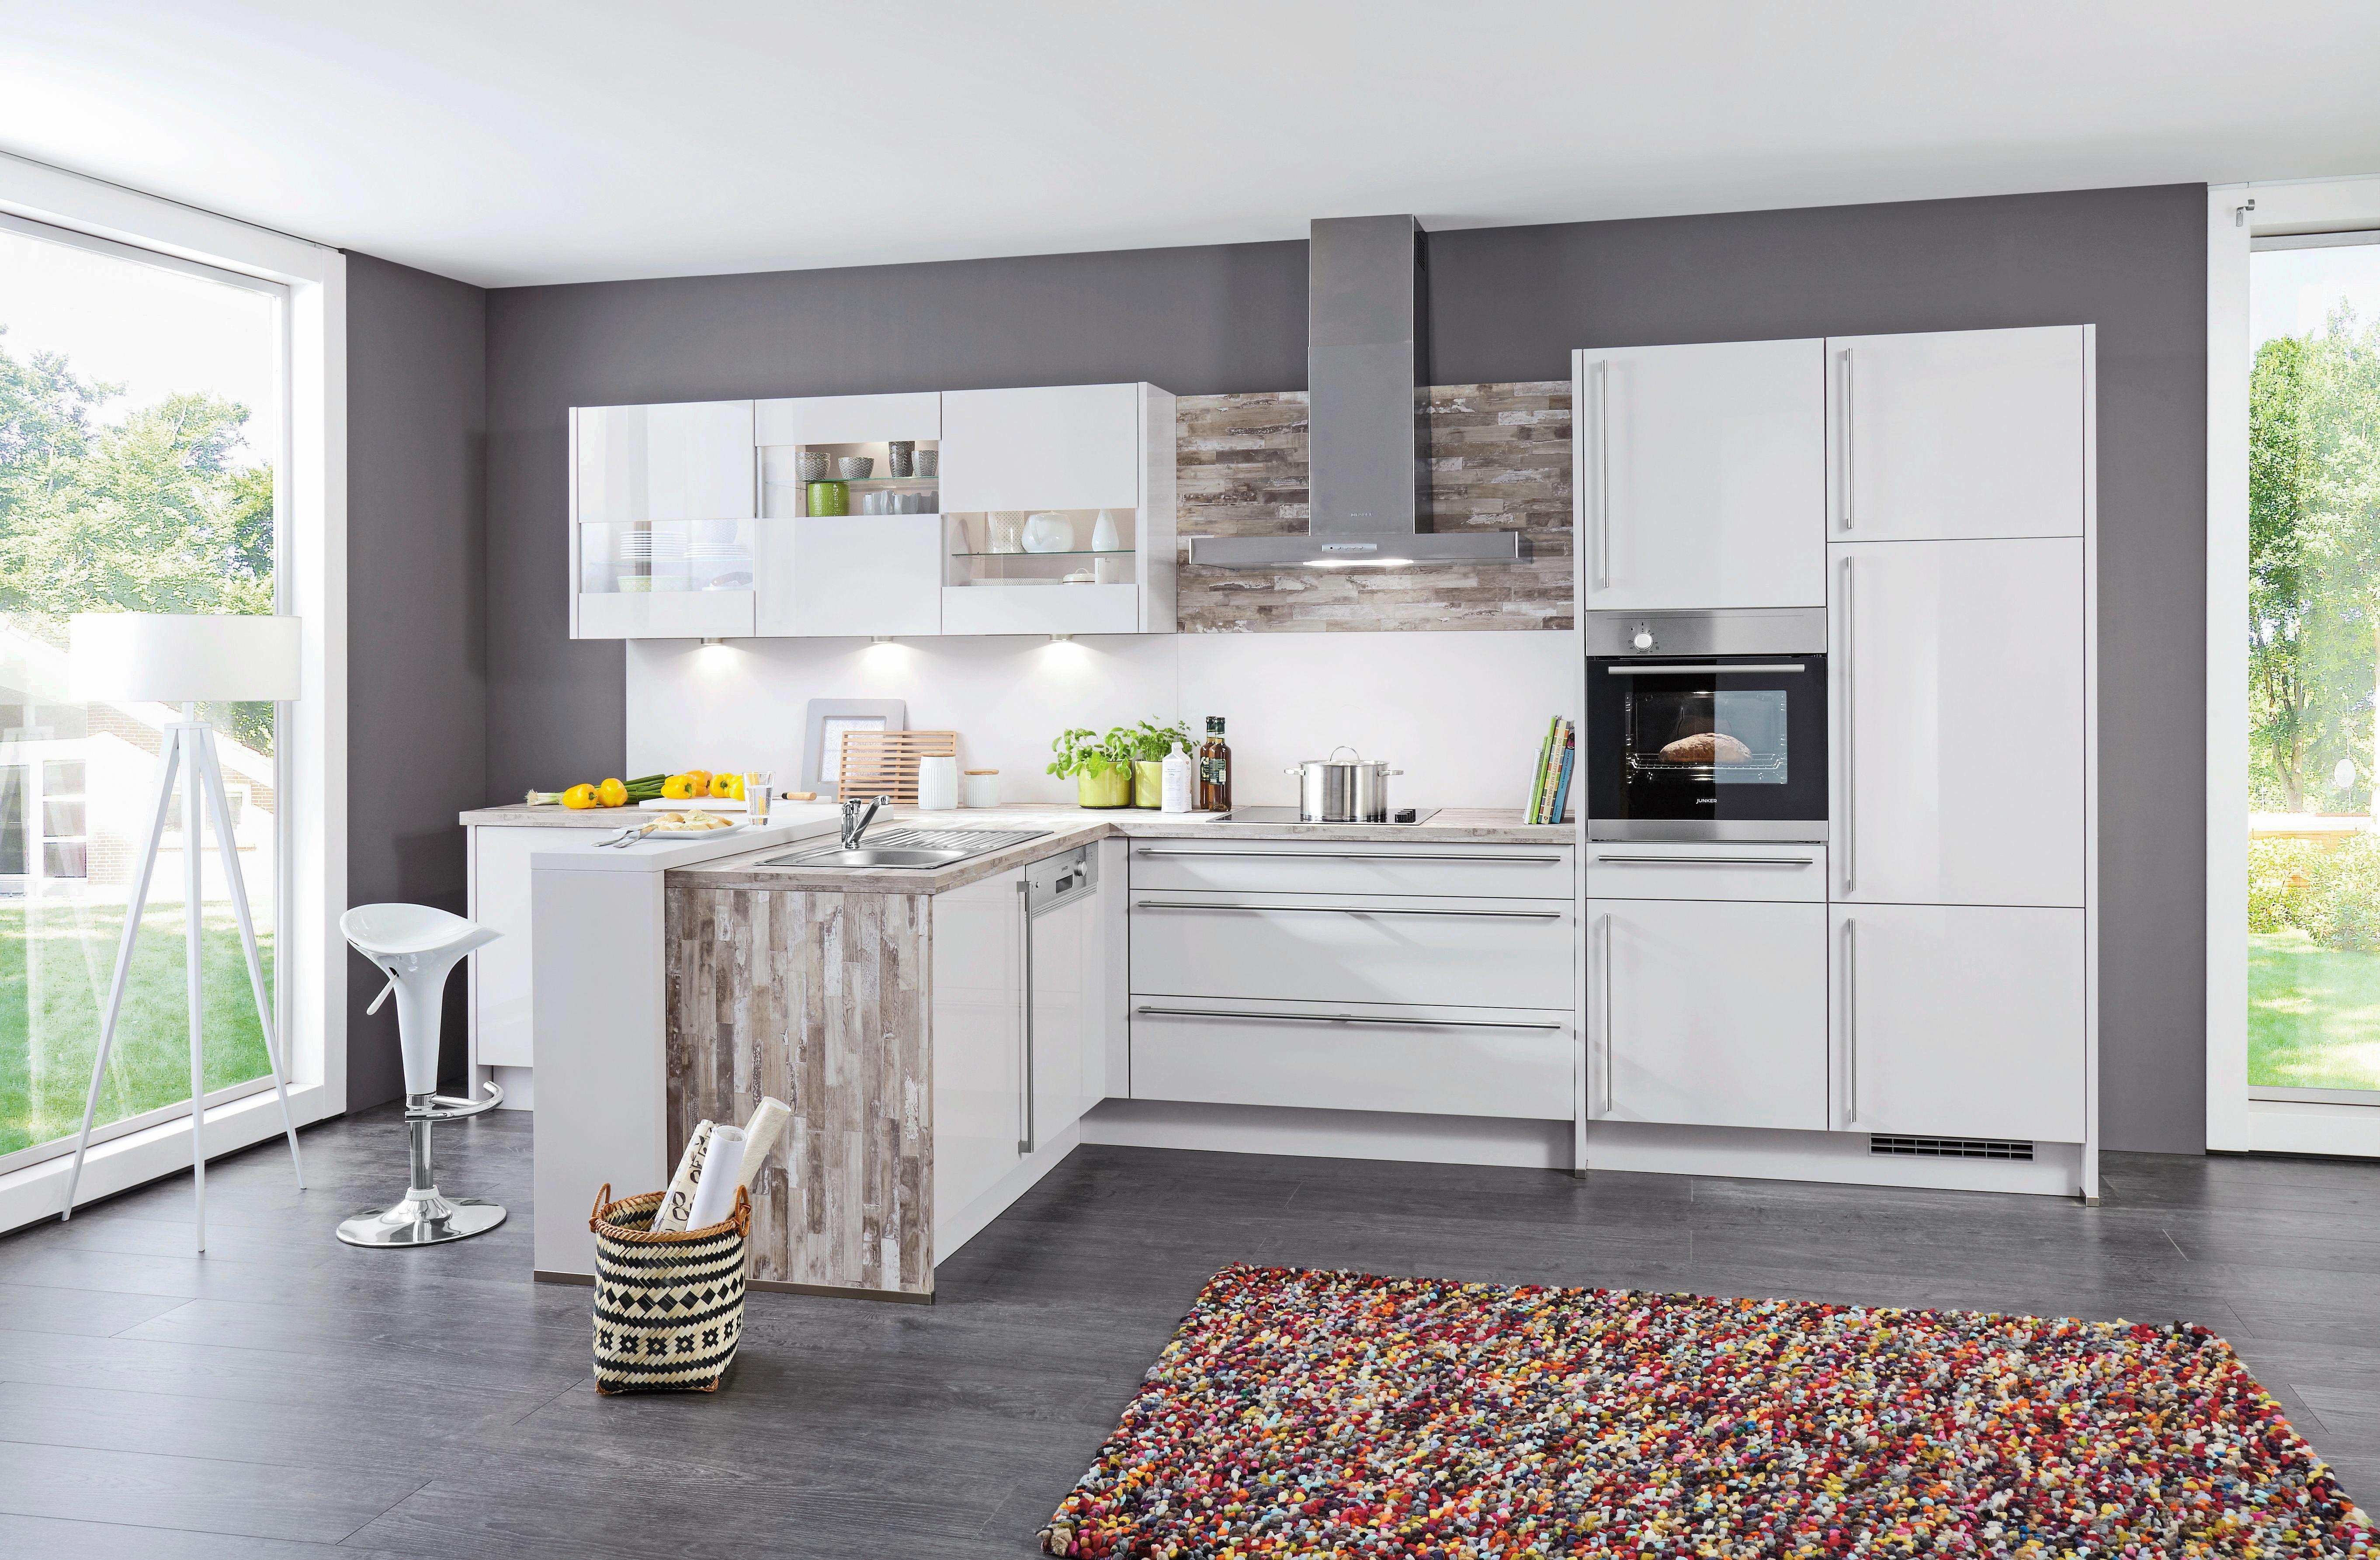 Planung küche  Vertico Planungsküche Florenz online kaufen ➤ Möbelix